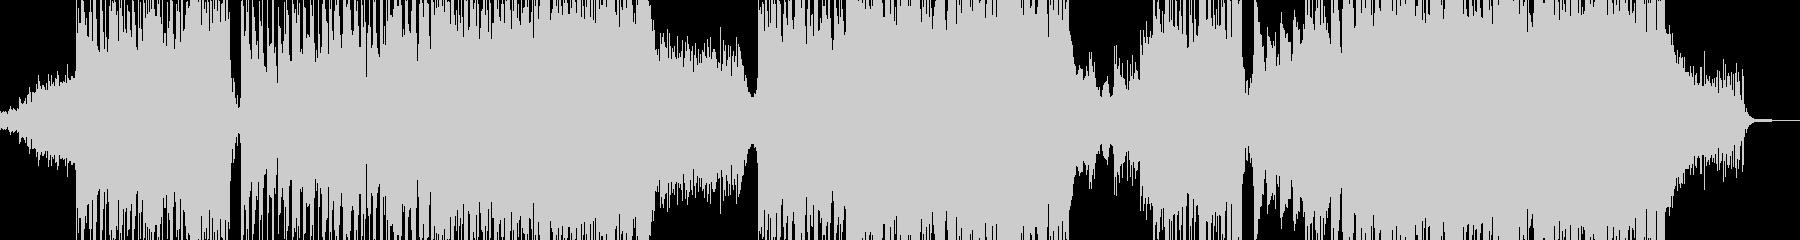 闇→光・爽快で感動的に展開 エレキ有B+の未再生の波形